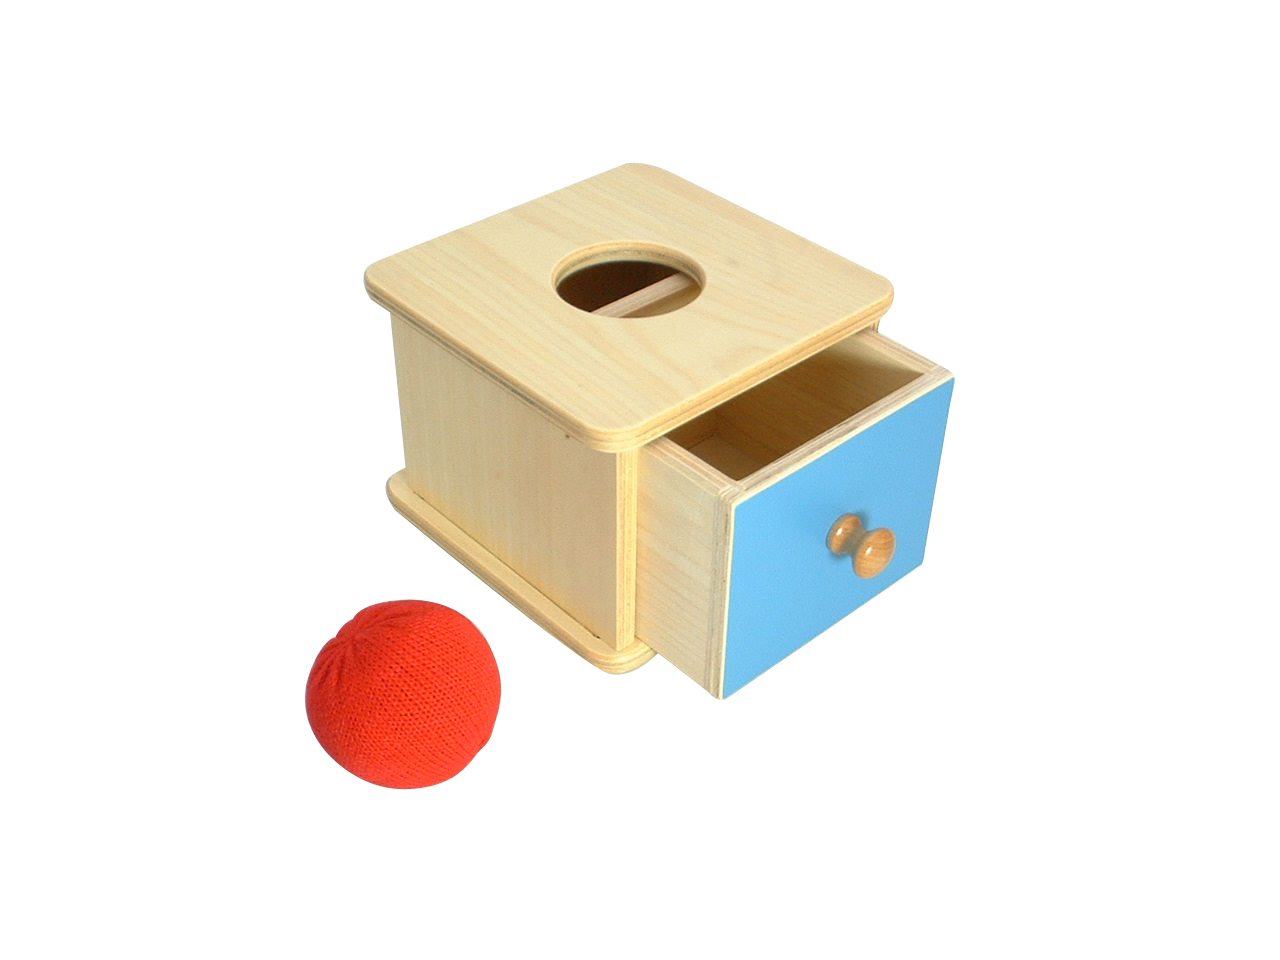 はじめての玉入れ! にぎにぎ玉入れ引き出し付 0歳児 赤ちゃん 知育玩具 モンテッソーリ